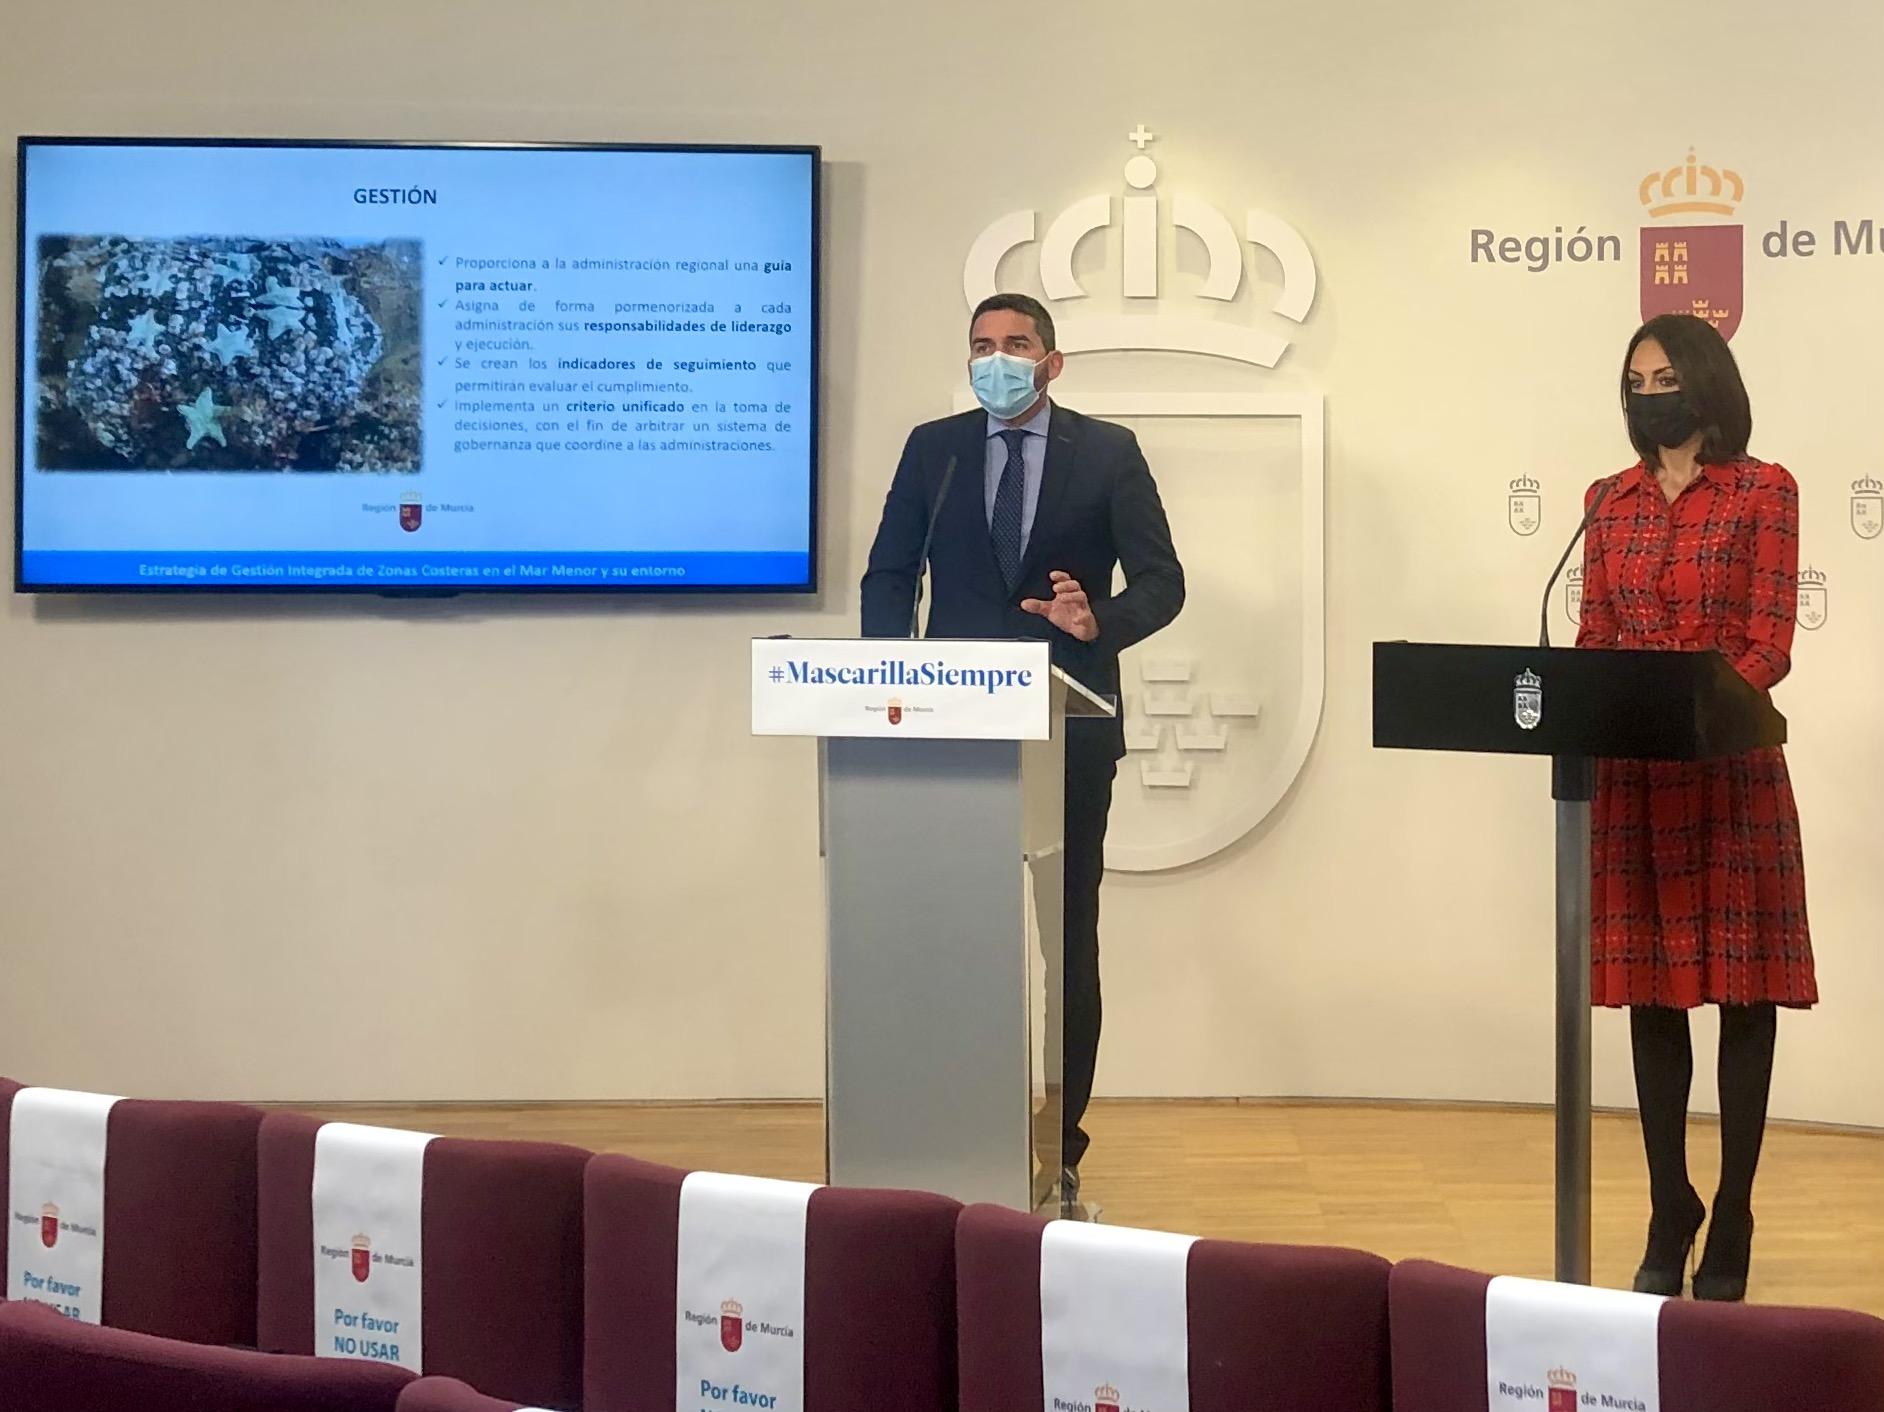 El consejero Antonio Luengo, explicando la Estrategia de Gestión Integrada de Zonas Costeras en el Mar Menor y su entorno aprobada ayer. Imagen: CARM